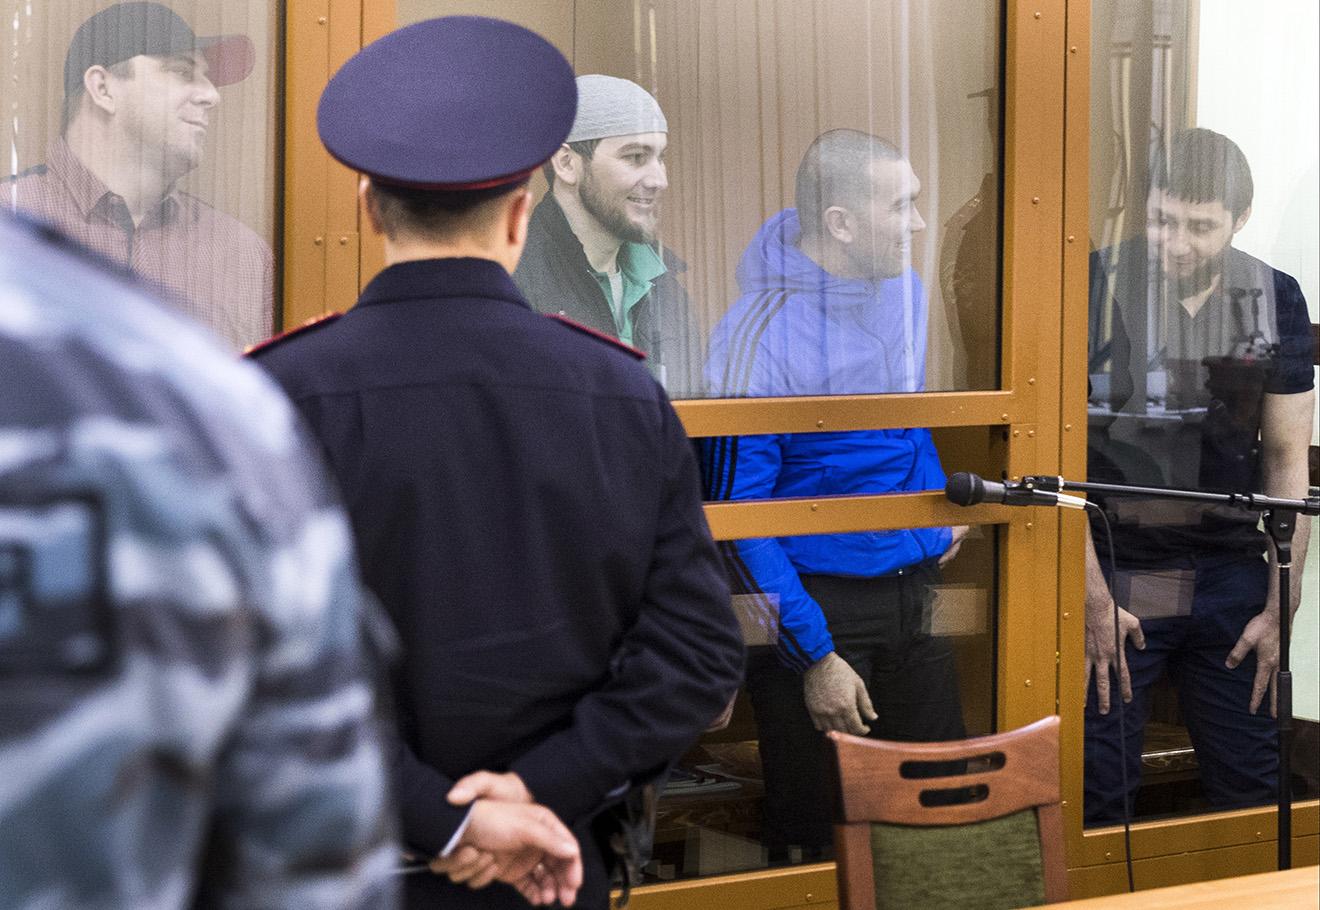 Обвиняемые в убийстве Бориса Немцова в Московском военном окружном суде, 3 октября 2016. Фото: Павел Головкин / AP / East News